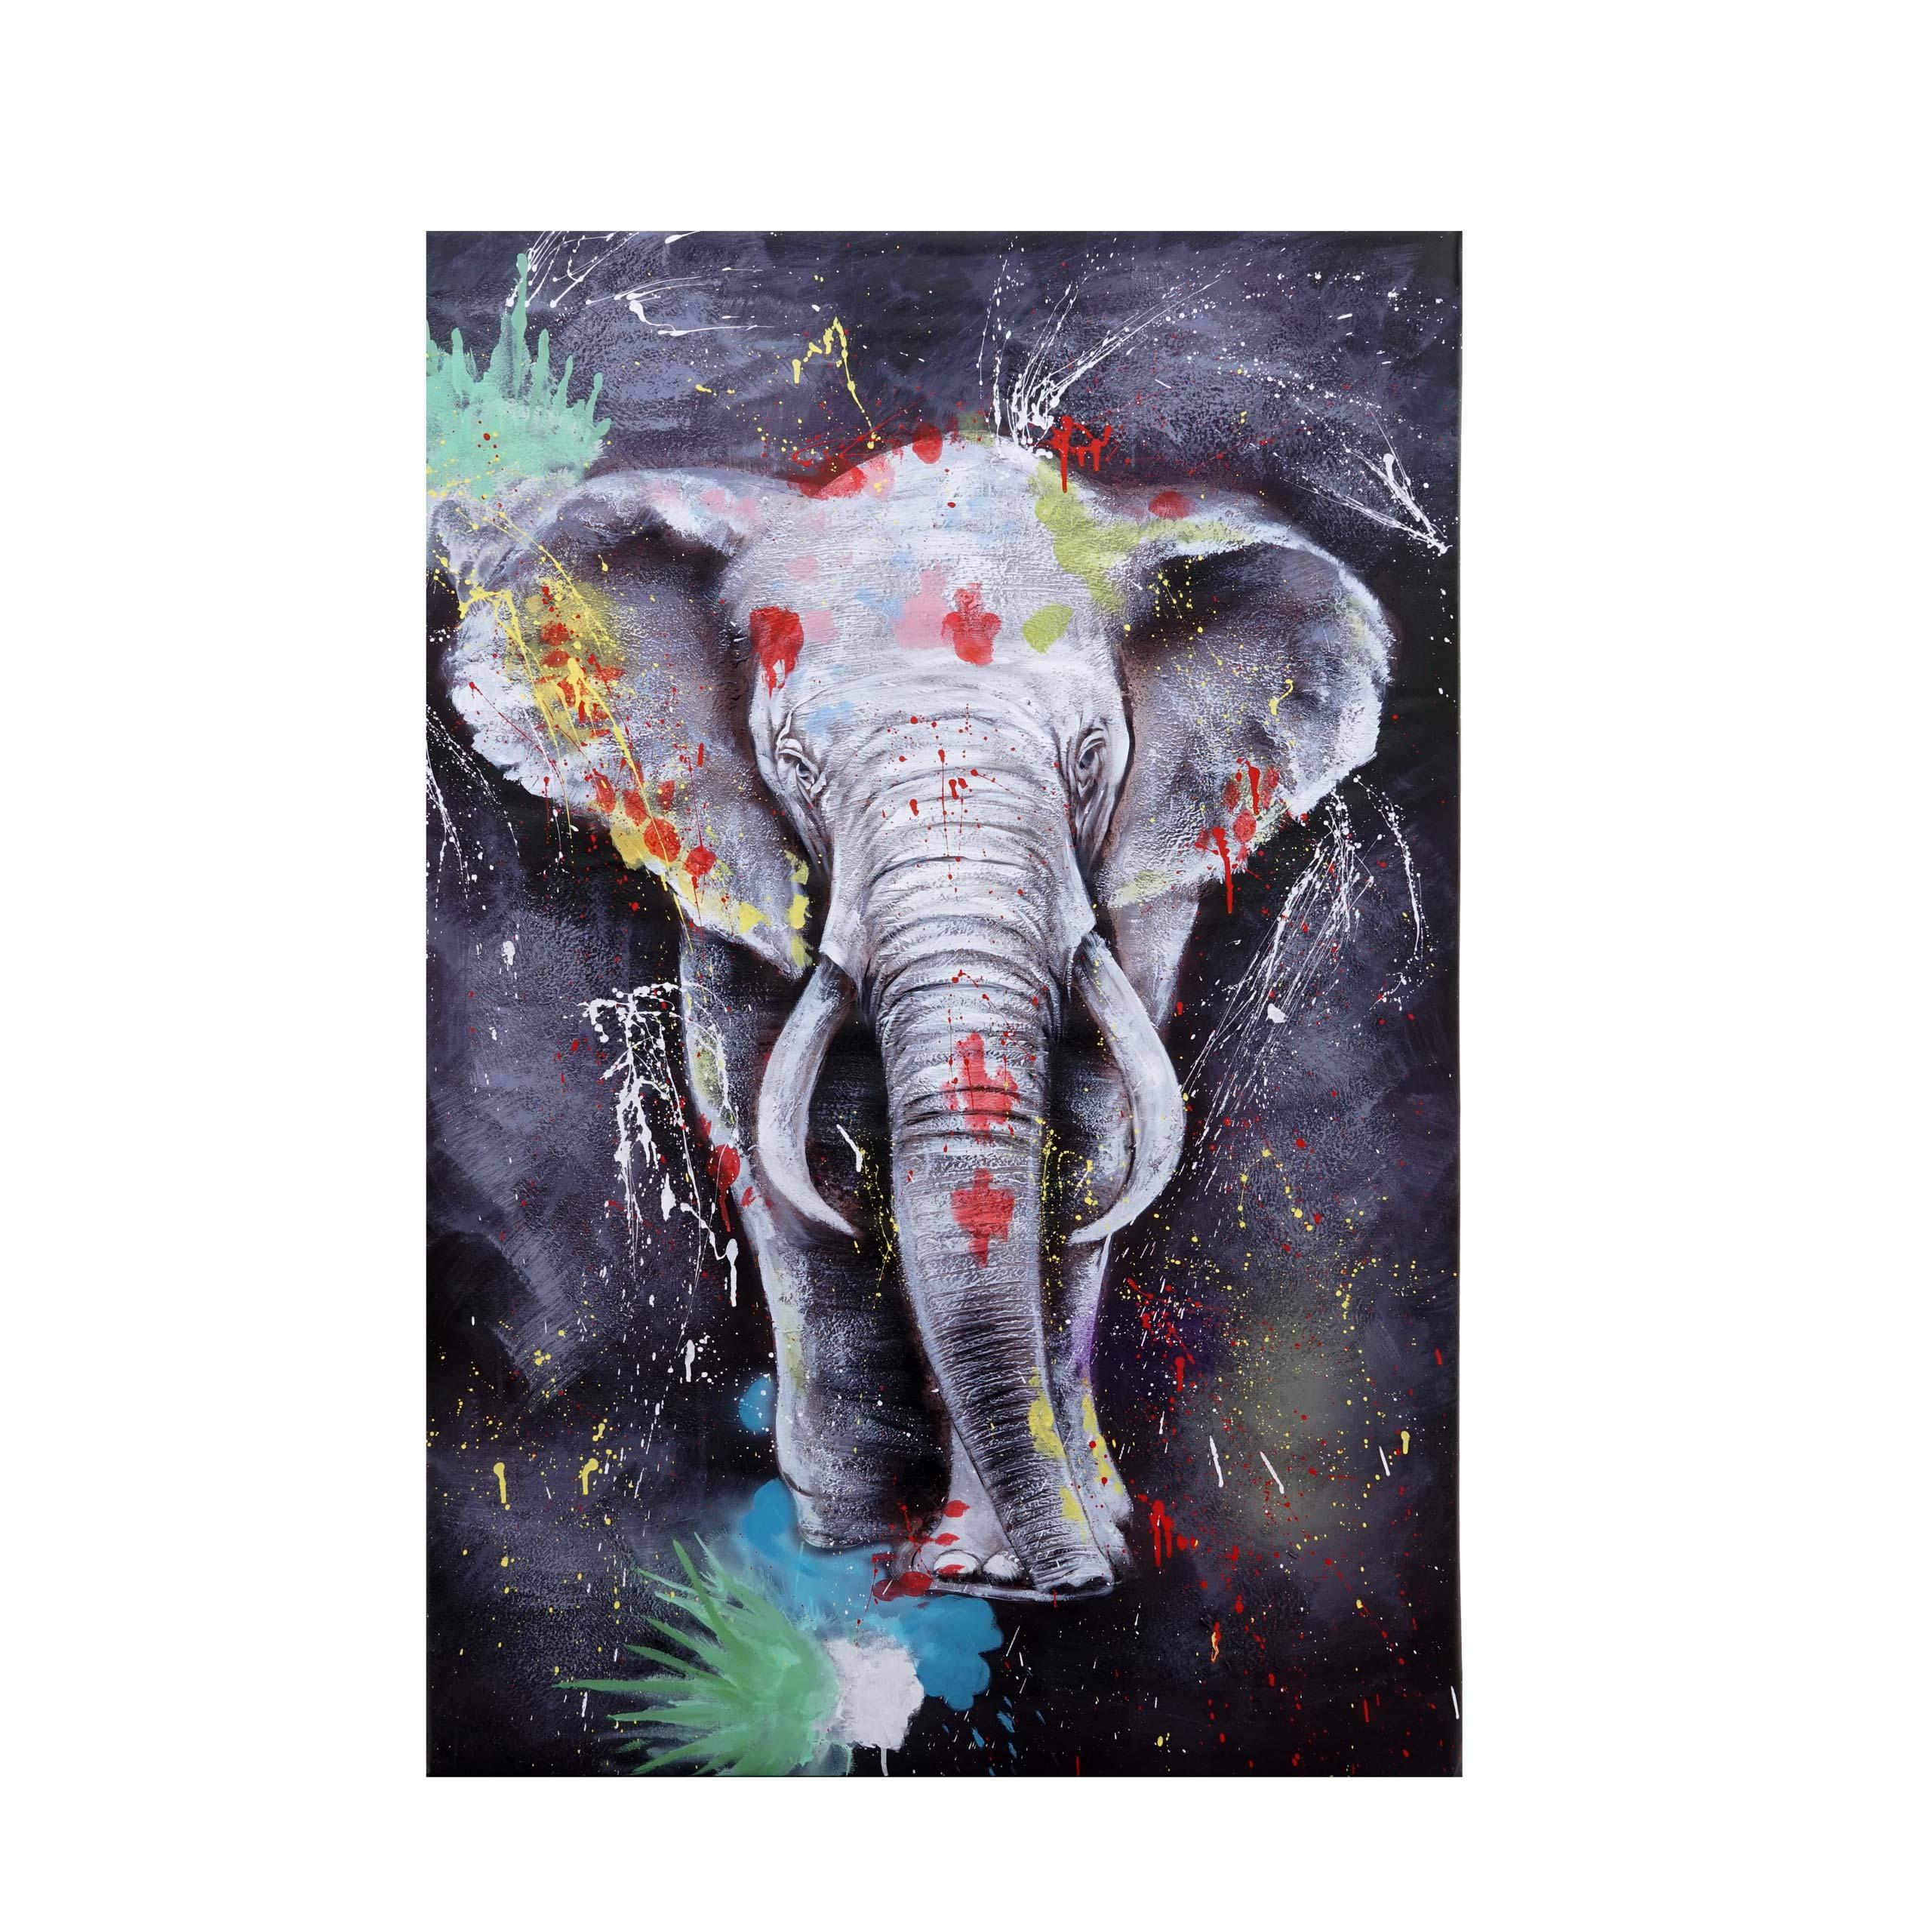 Mendler Ölgemälde Elefant HWC-H25, Leinwandbild Wandgemälde Gemälde, handgemaltes XL Wandbild ~ Variantenang 72767